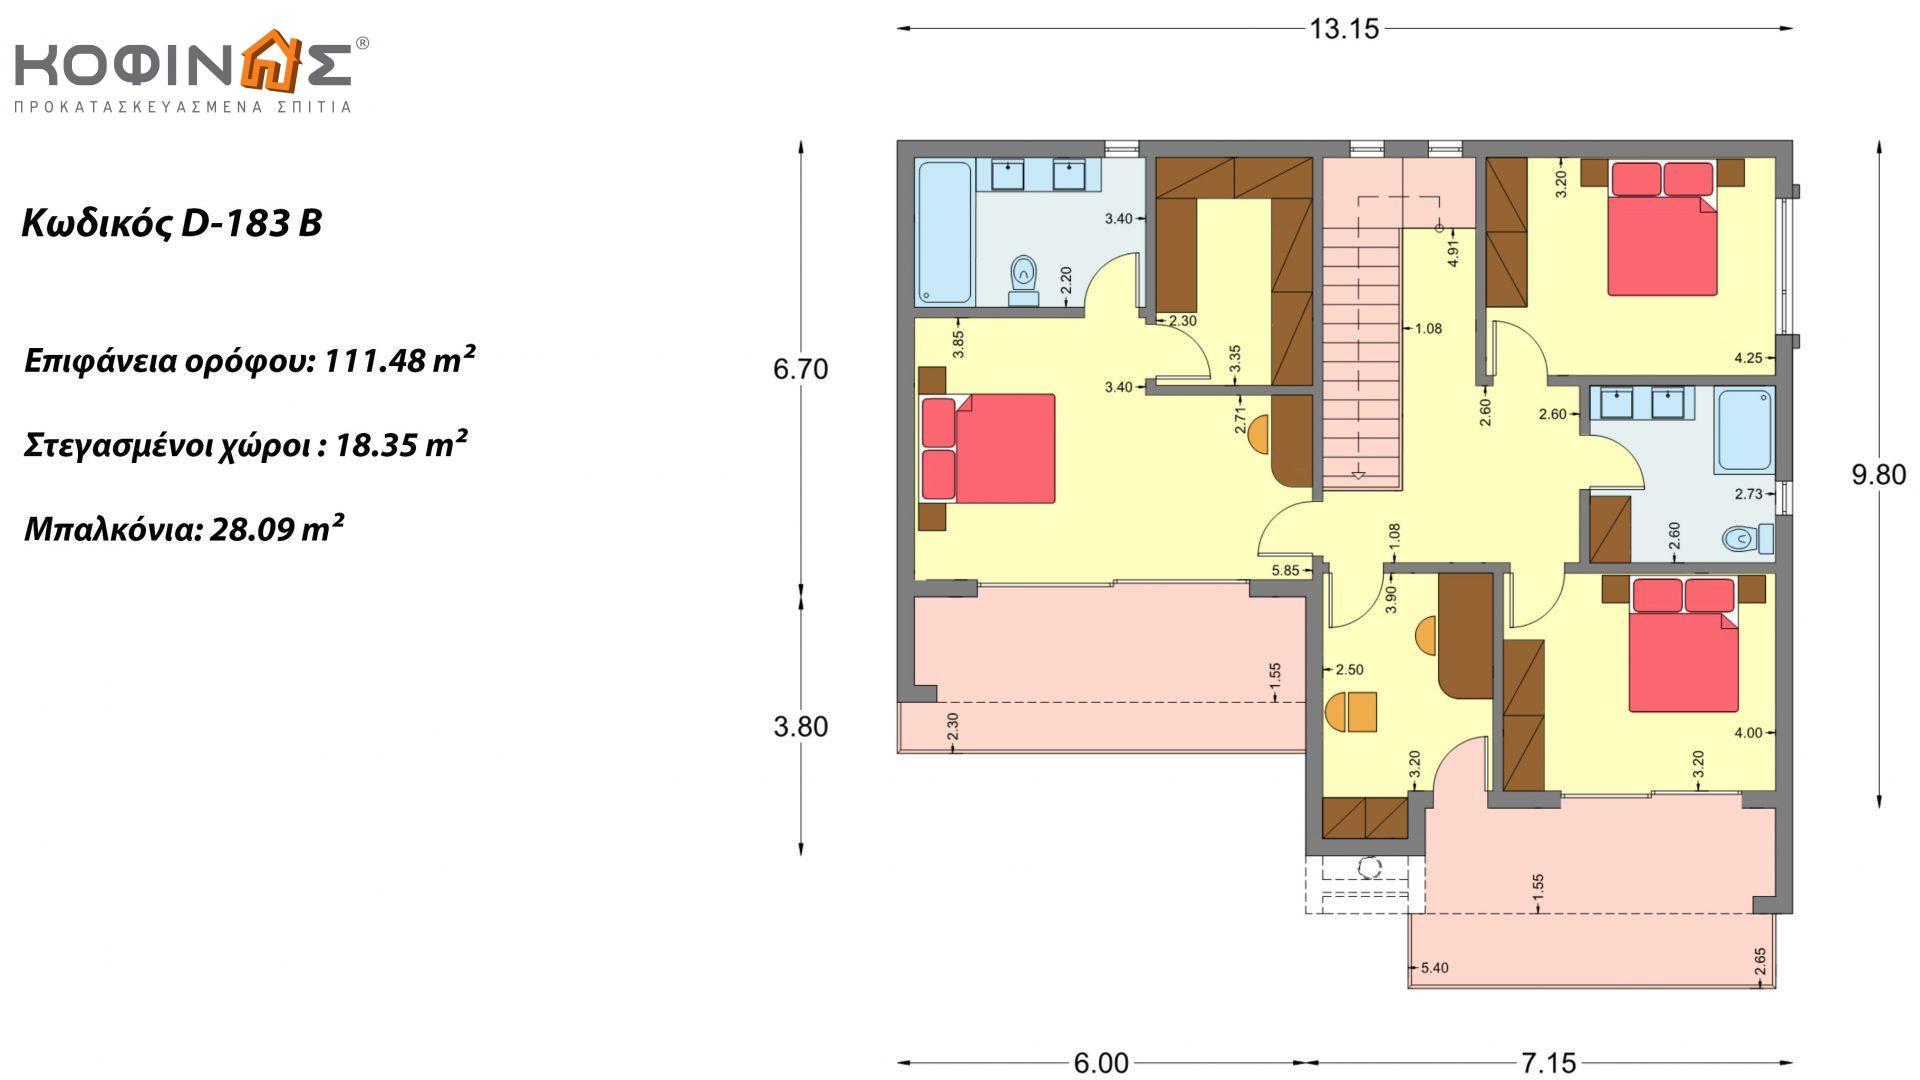 Διώροφη κατοικία D 183B, συνολικής επιφάνειας 183,77 τ.μ.,+Γκαράζ 41,98 m²(=225,75 m²), στεγασμένοι χώροι 59,80 τ.μ., και μπαλκόνια 28.09 τ.μ.